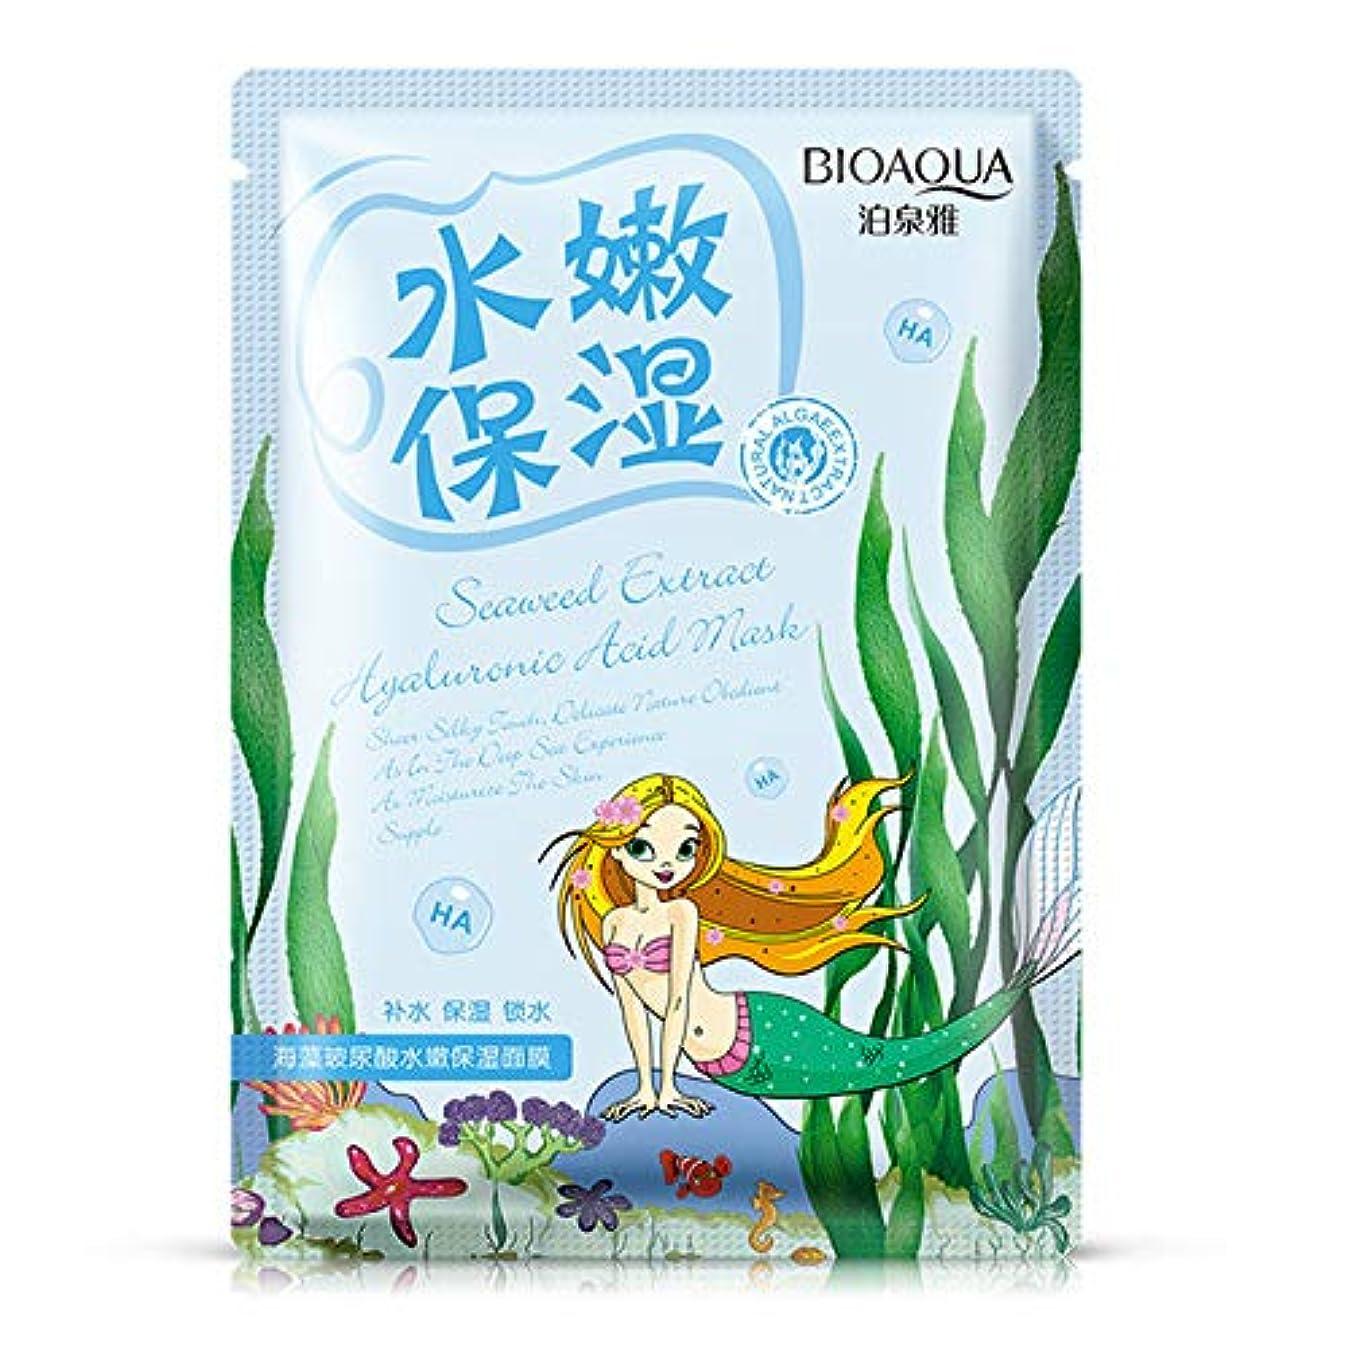 栄光スロット運ぶACHICOO 保湿パック 潤い スキンケア マスク 白く 女性 化粧 メイクアップ ファッション